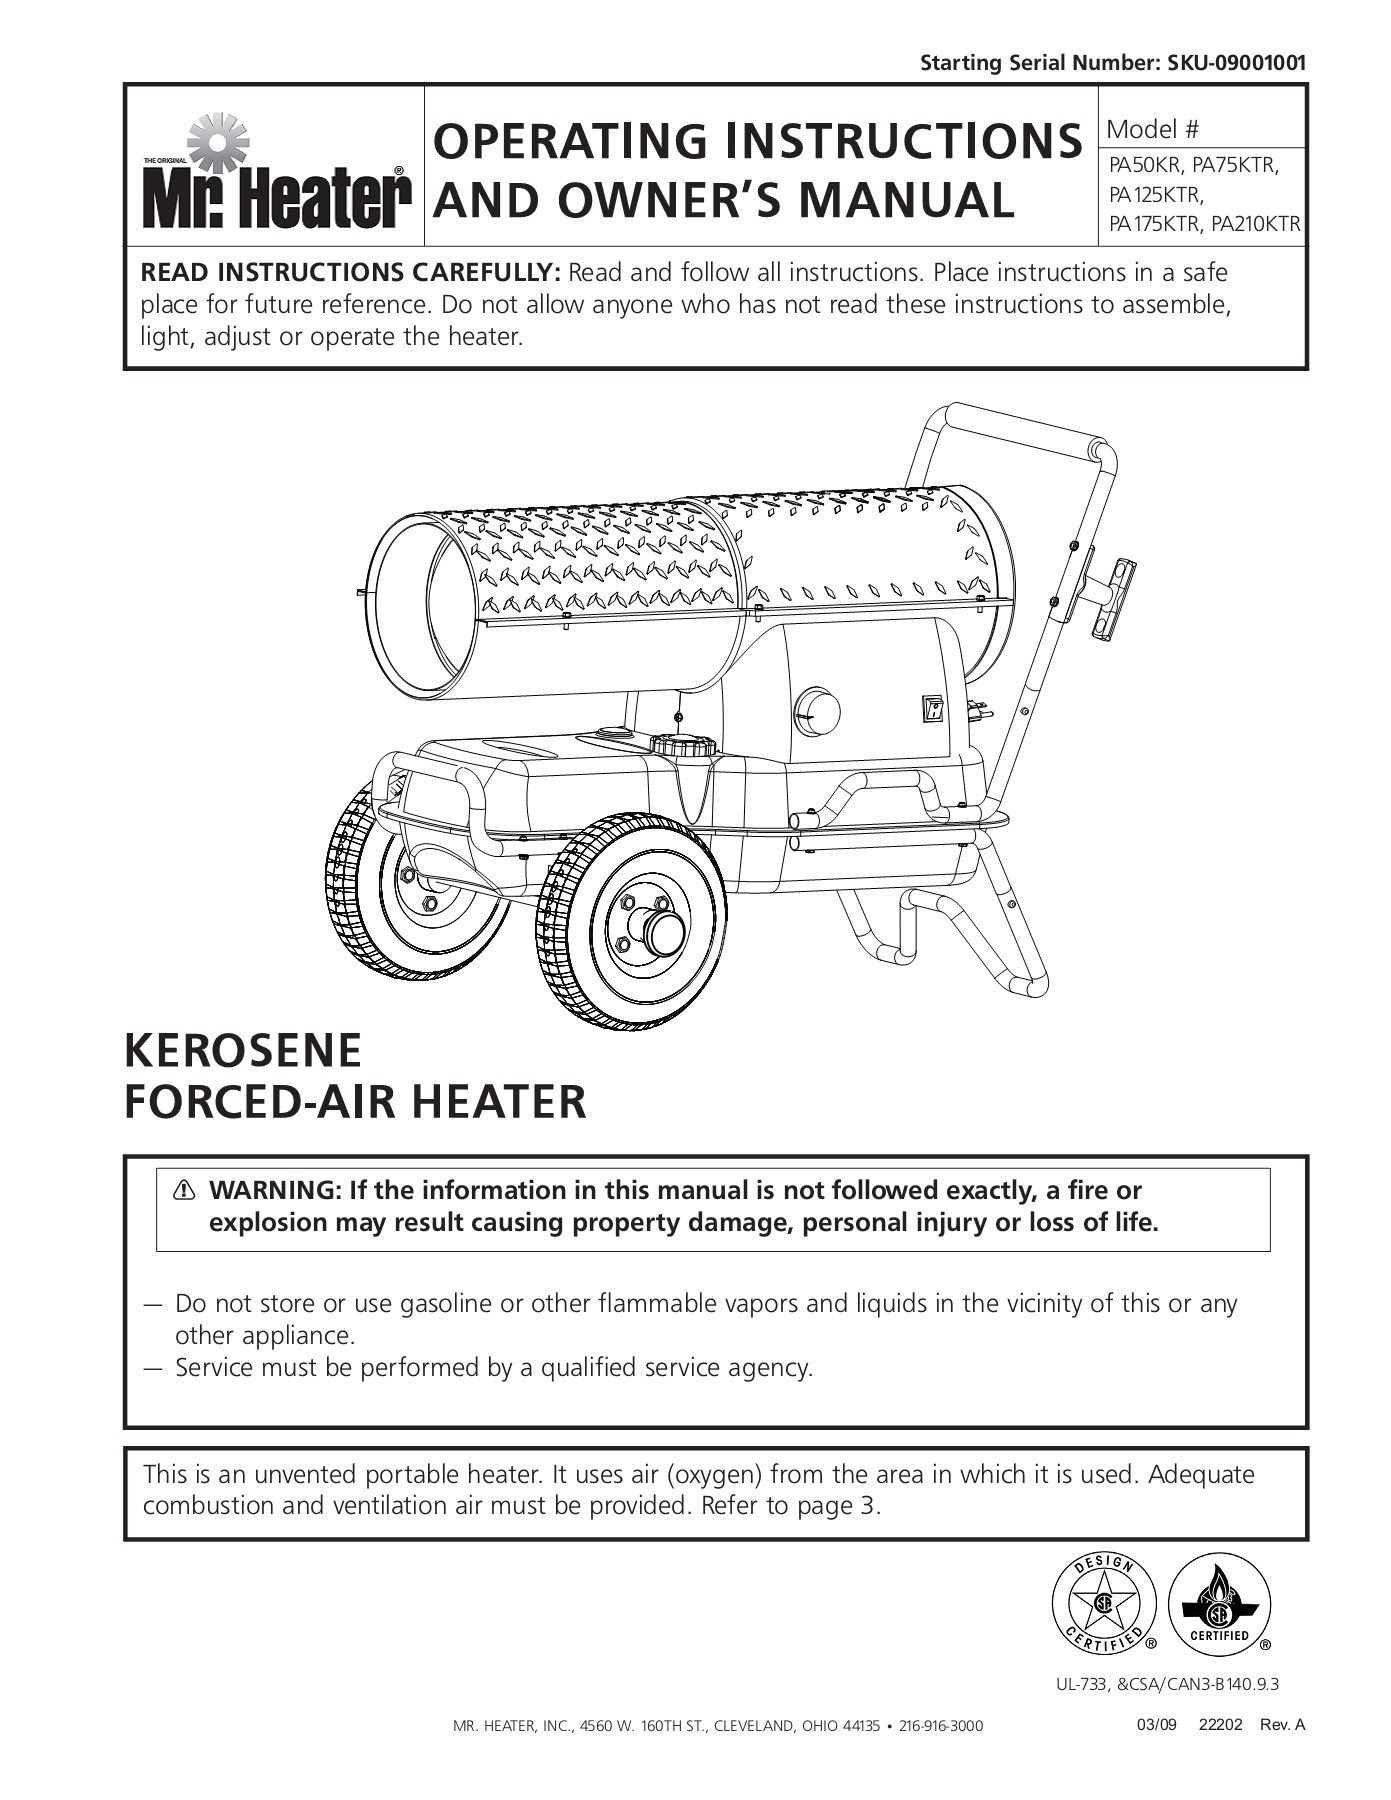 31 Mr Heater Parts Diagram